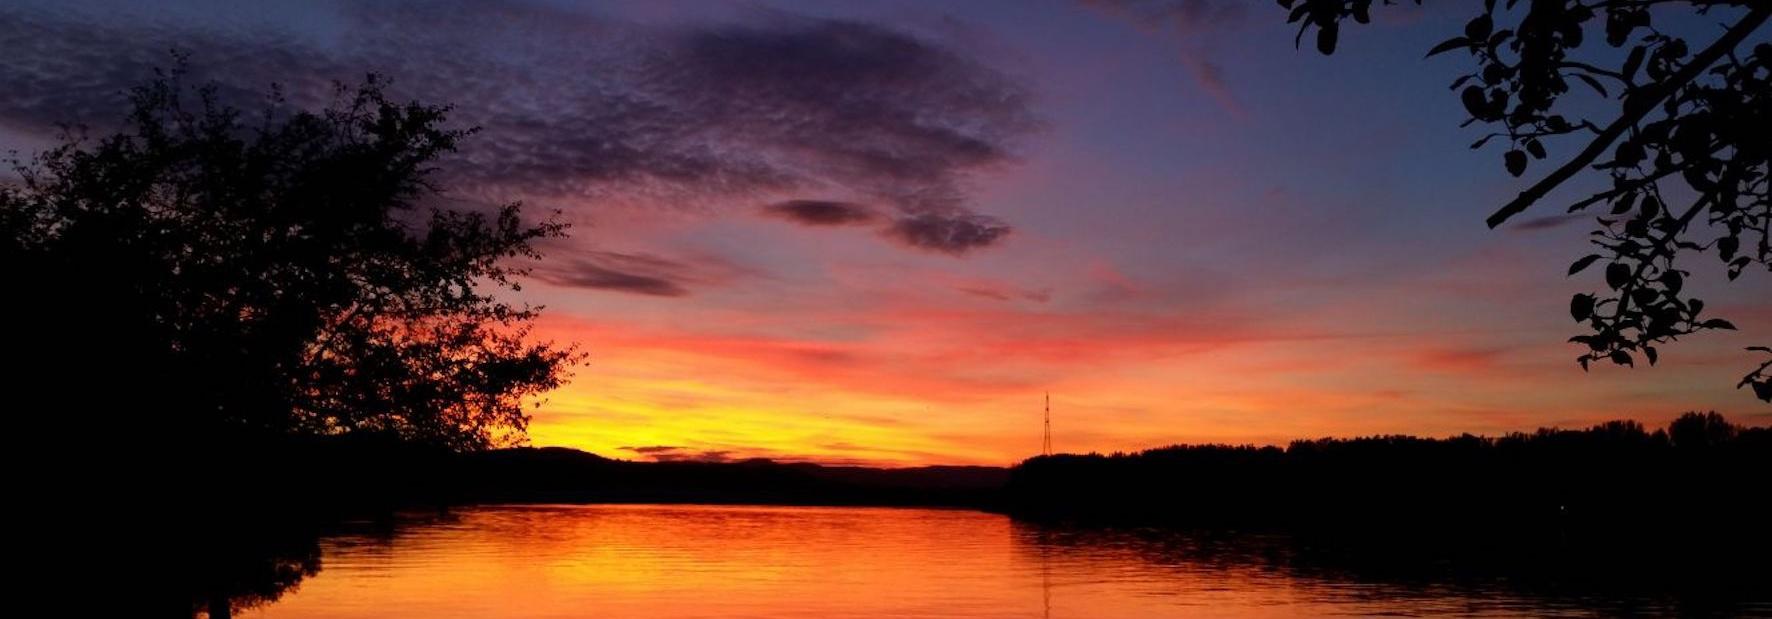 PortoVelo Sonnenuntergang an der Donau